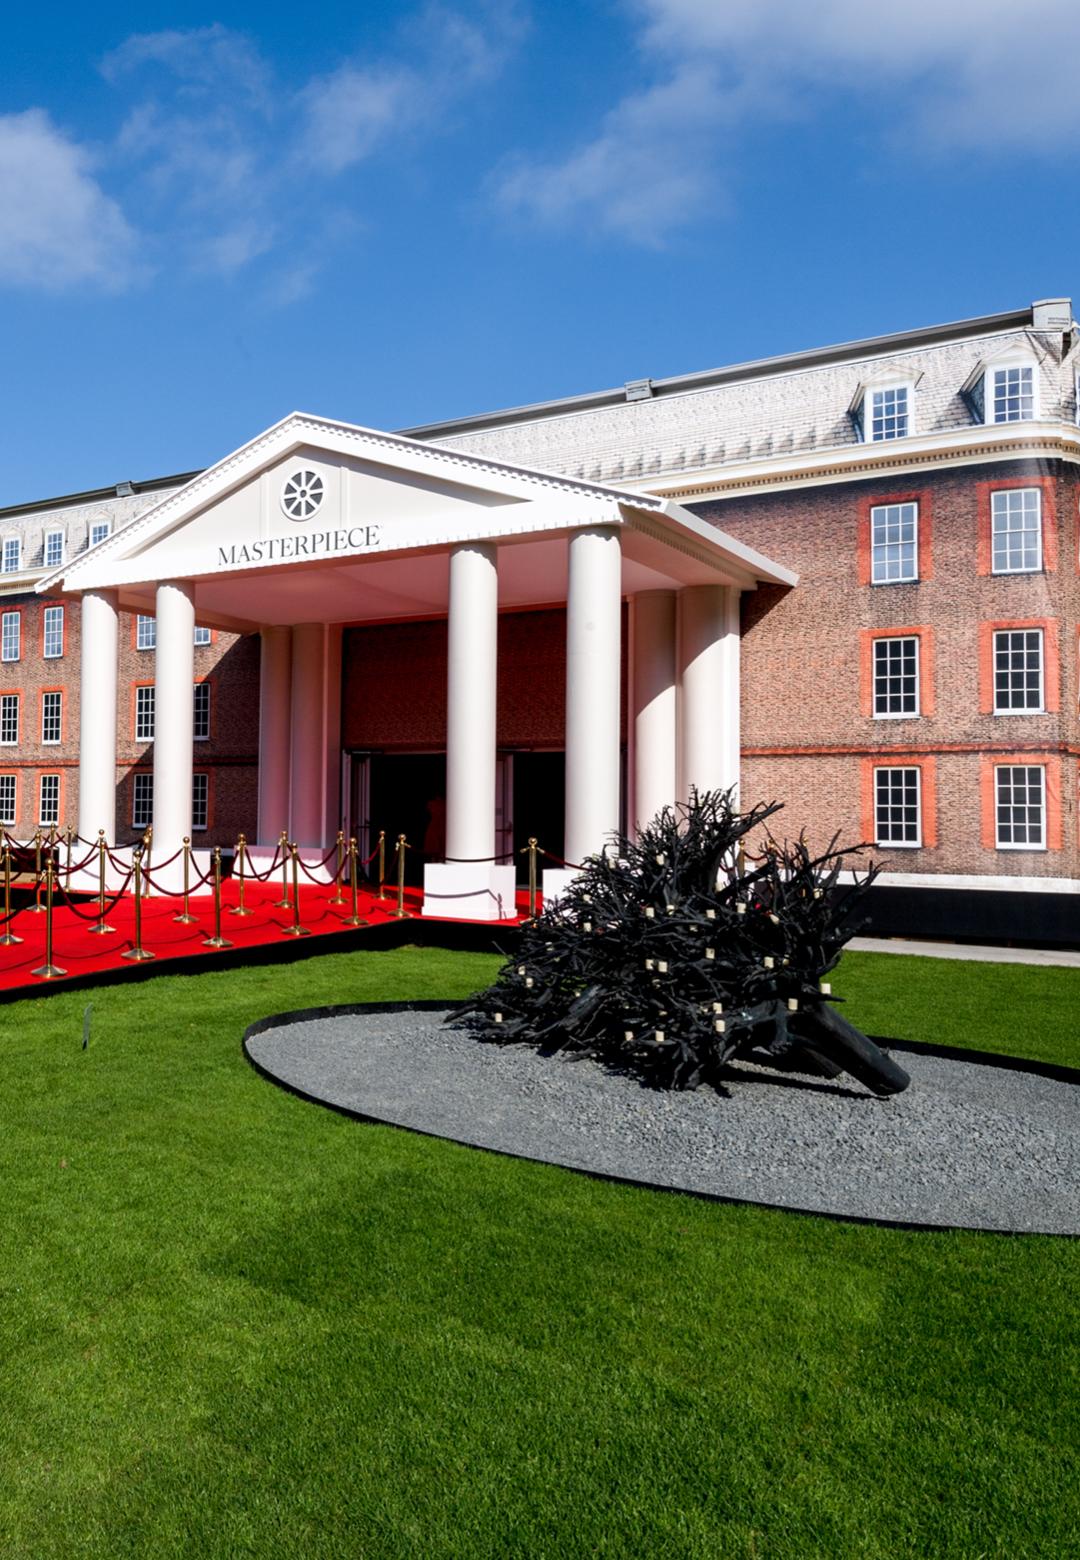 The Masterpiece London Art Fair at The Royal Hospital Chelsea| STIR